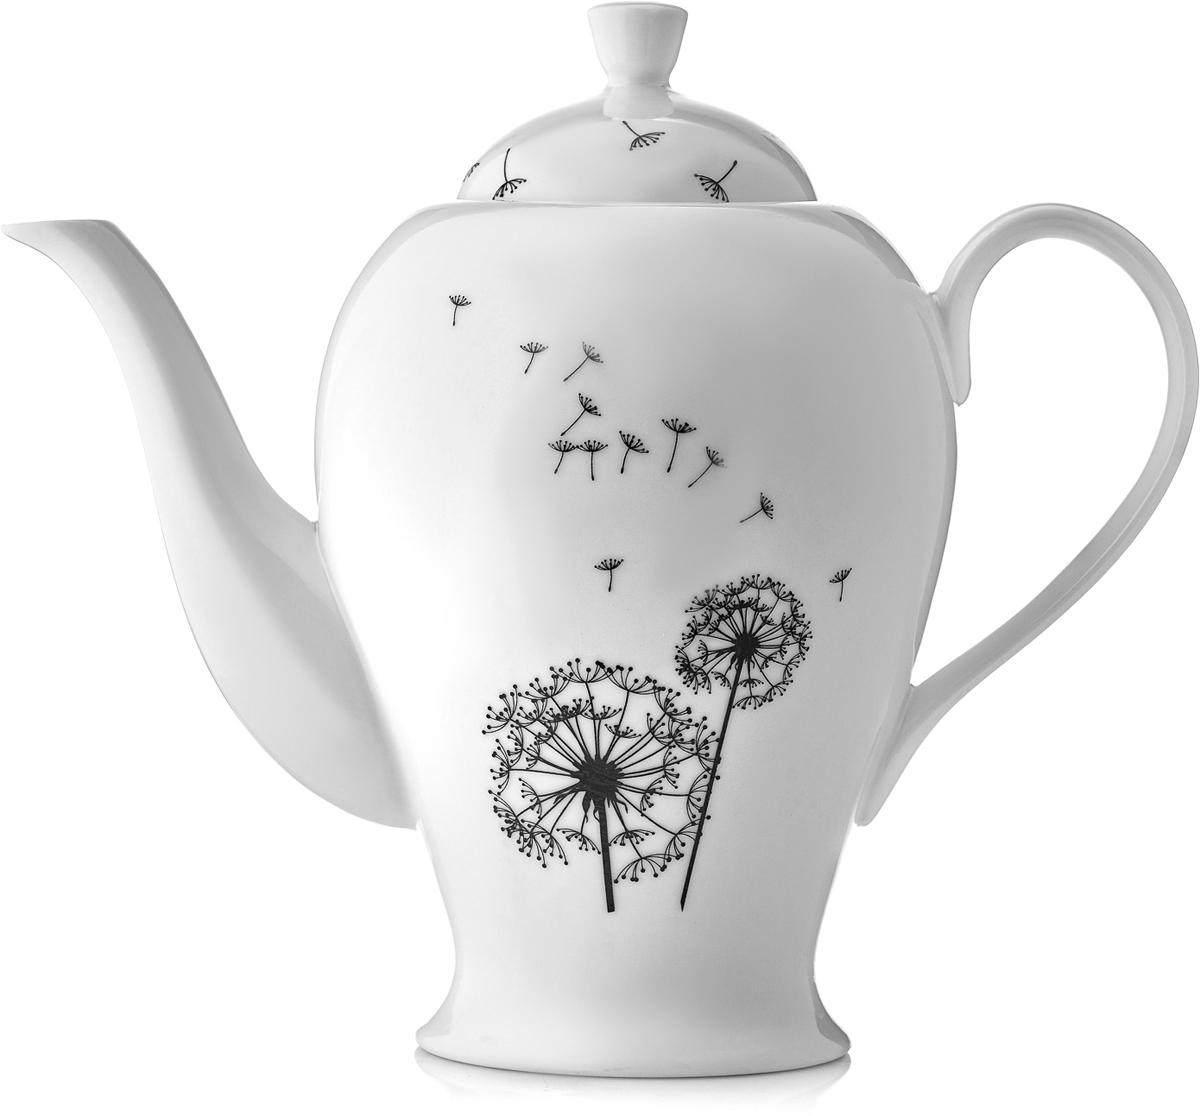 Чайник заварочный Esprado Viente, 1,29 лVNTL12BE306Чайник заварочный Esprado Viente изготовлен из высококачественного фарфораи декорирован очаровательным цветочным рисунком. Такой дизайн,несомненно, придется по вкусу и любителям классики, и тем кто ценит красоту иизящество.Такой чайник украсит ваш кухонный стол, а также станетзамечательным подарком к любому празднику.Можно использовать в микроволновой печи и мыть в посудомоечной машине.